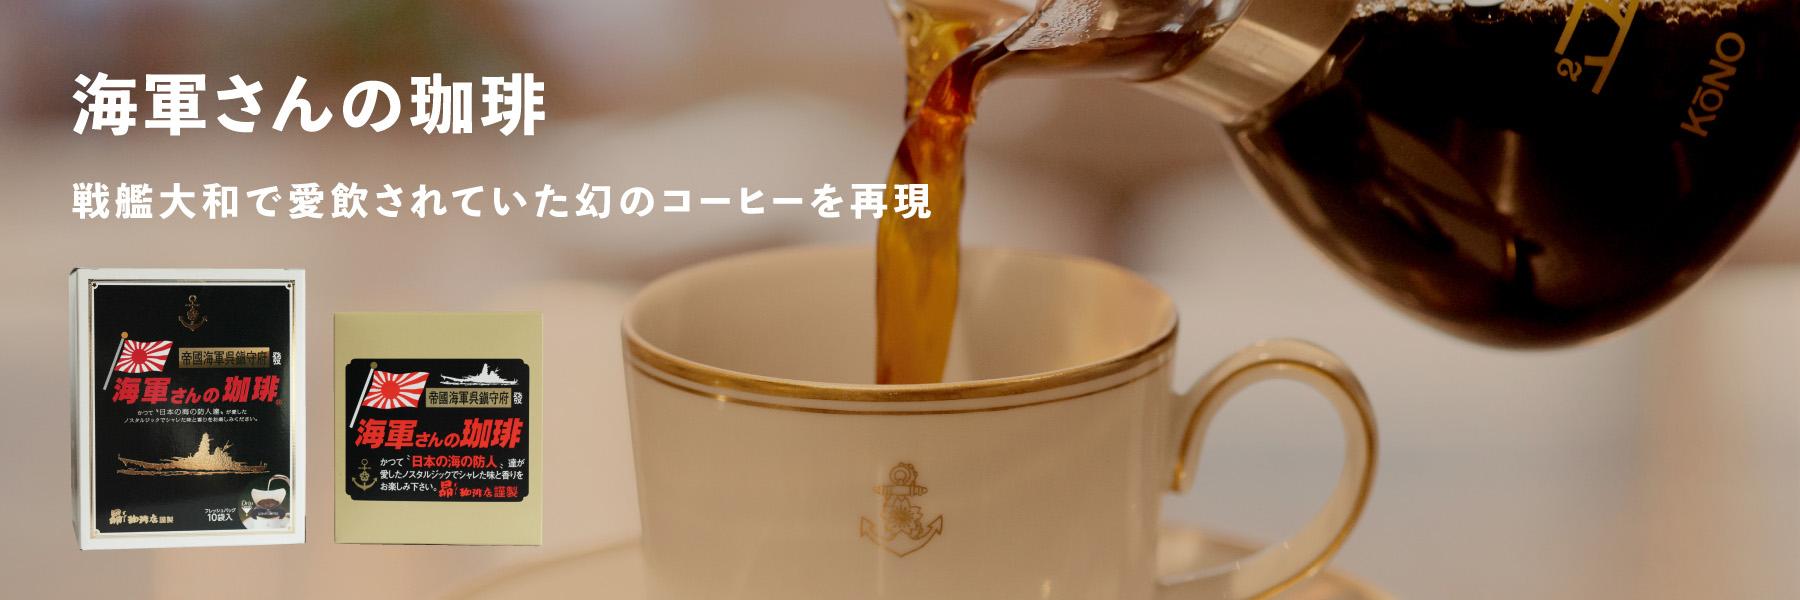 海軍さんの珈琲 戦艦大和で愛飲されていた幻のコーヒーを再現